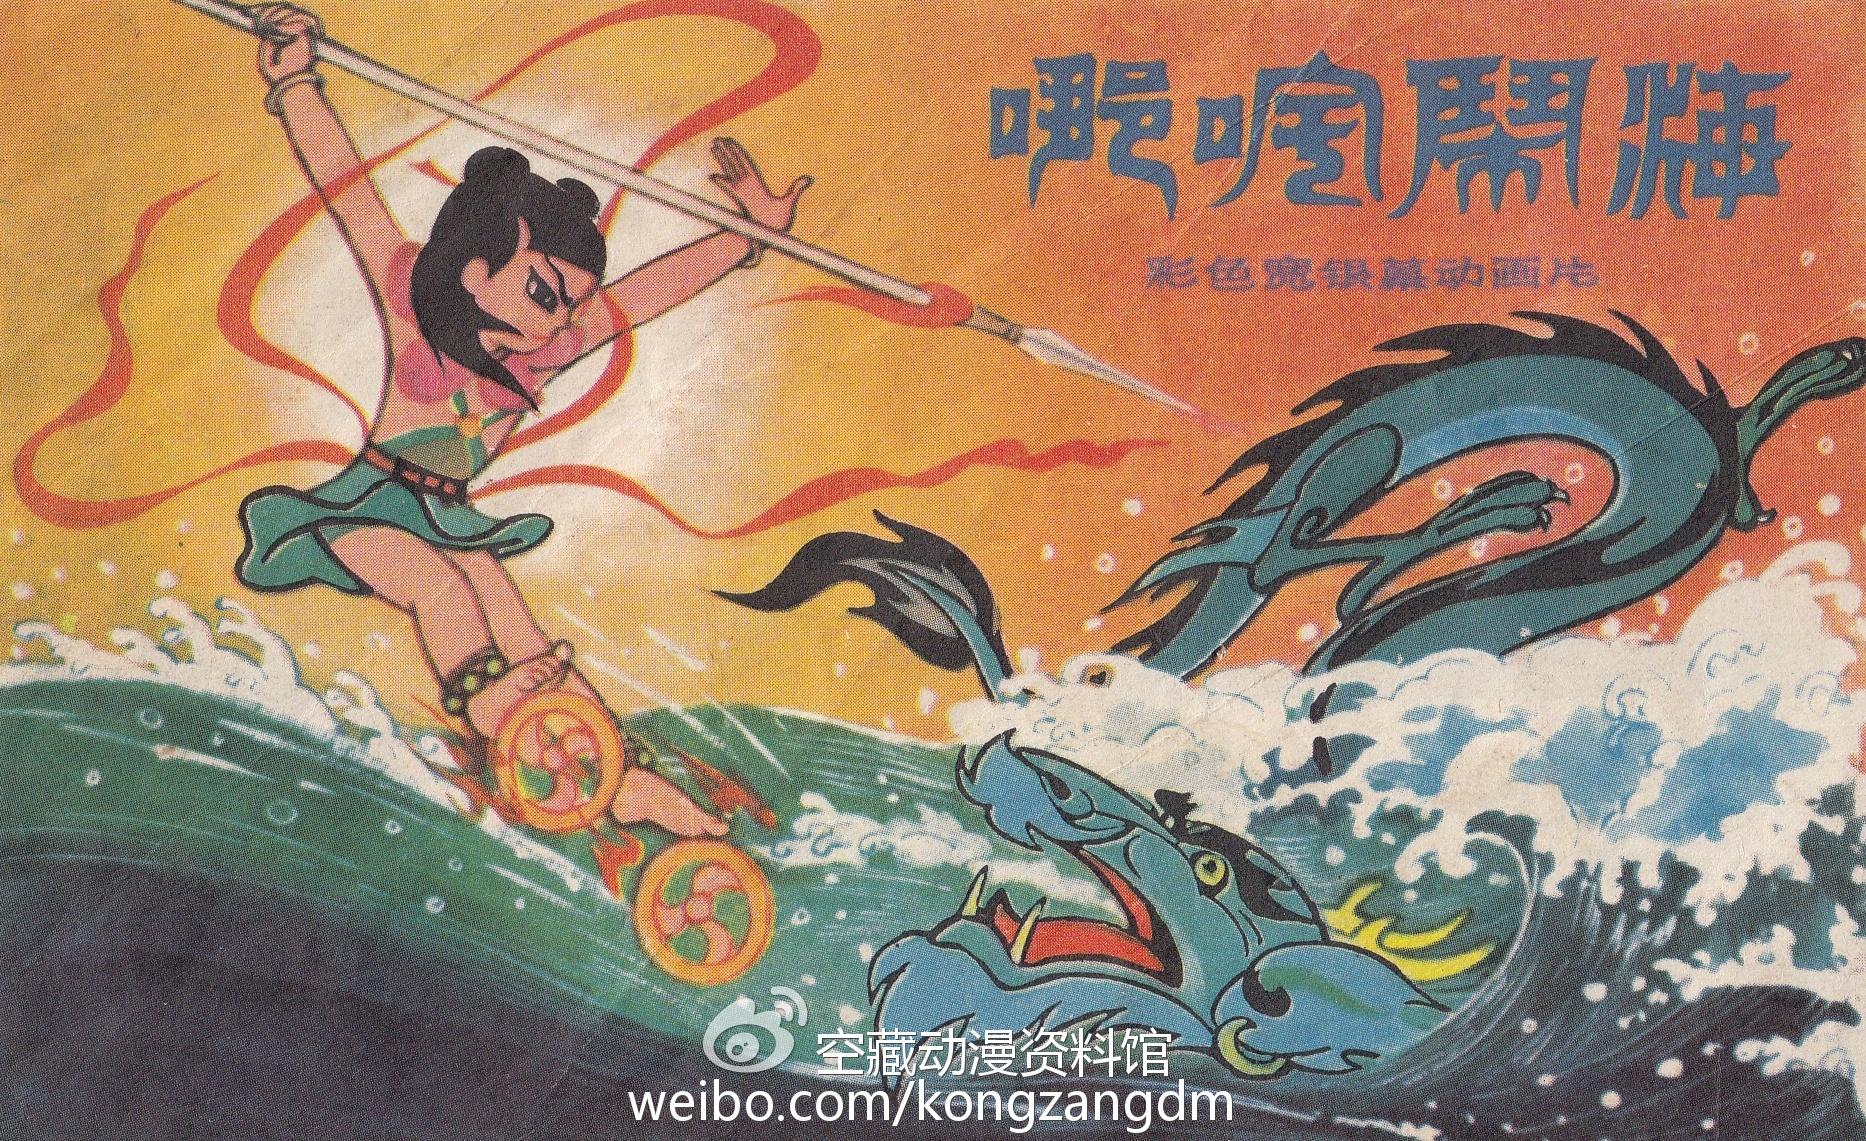 《哪吒闹海》宣传画  严定宪、阿达\绘  1979年